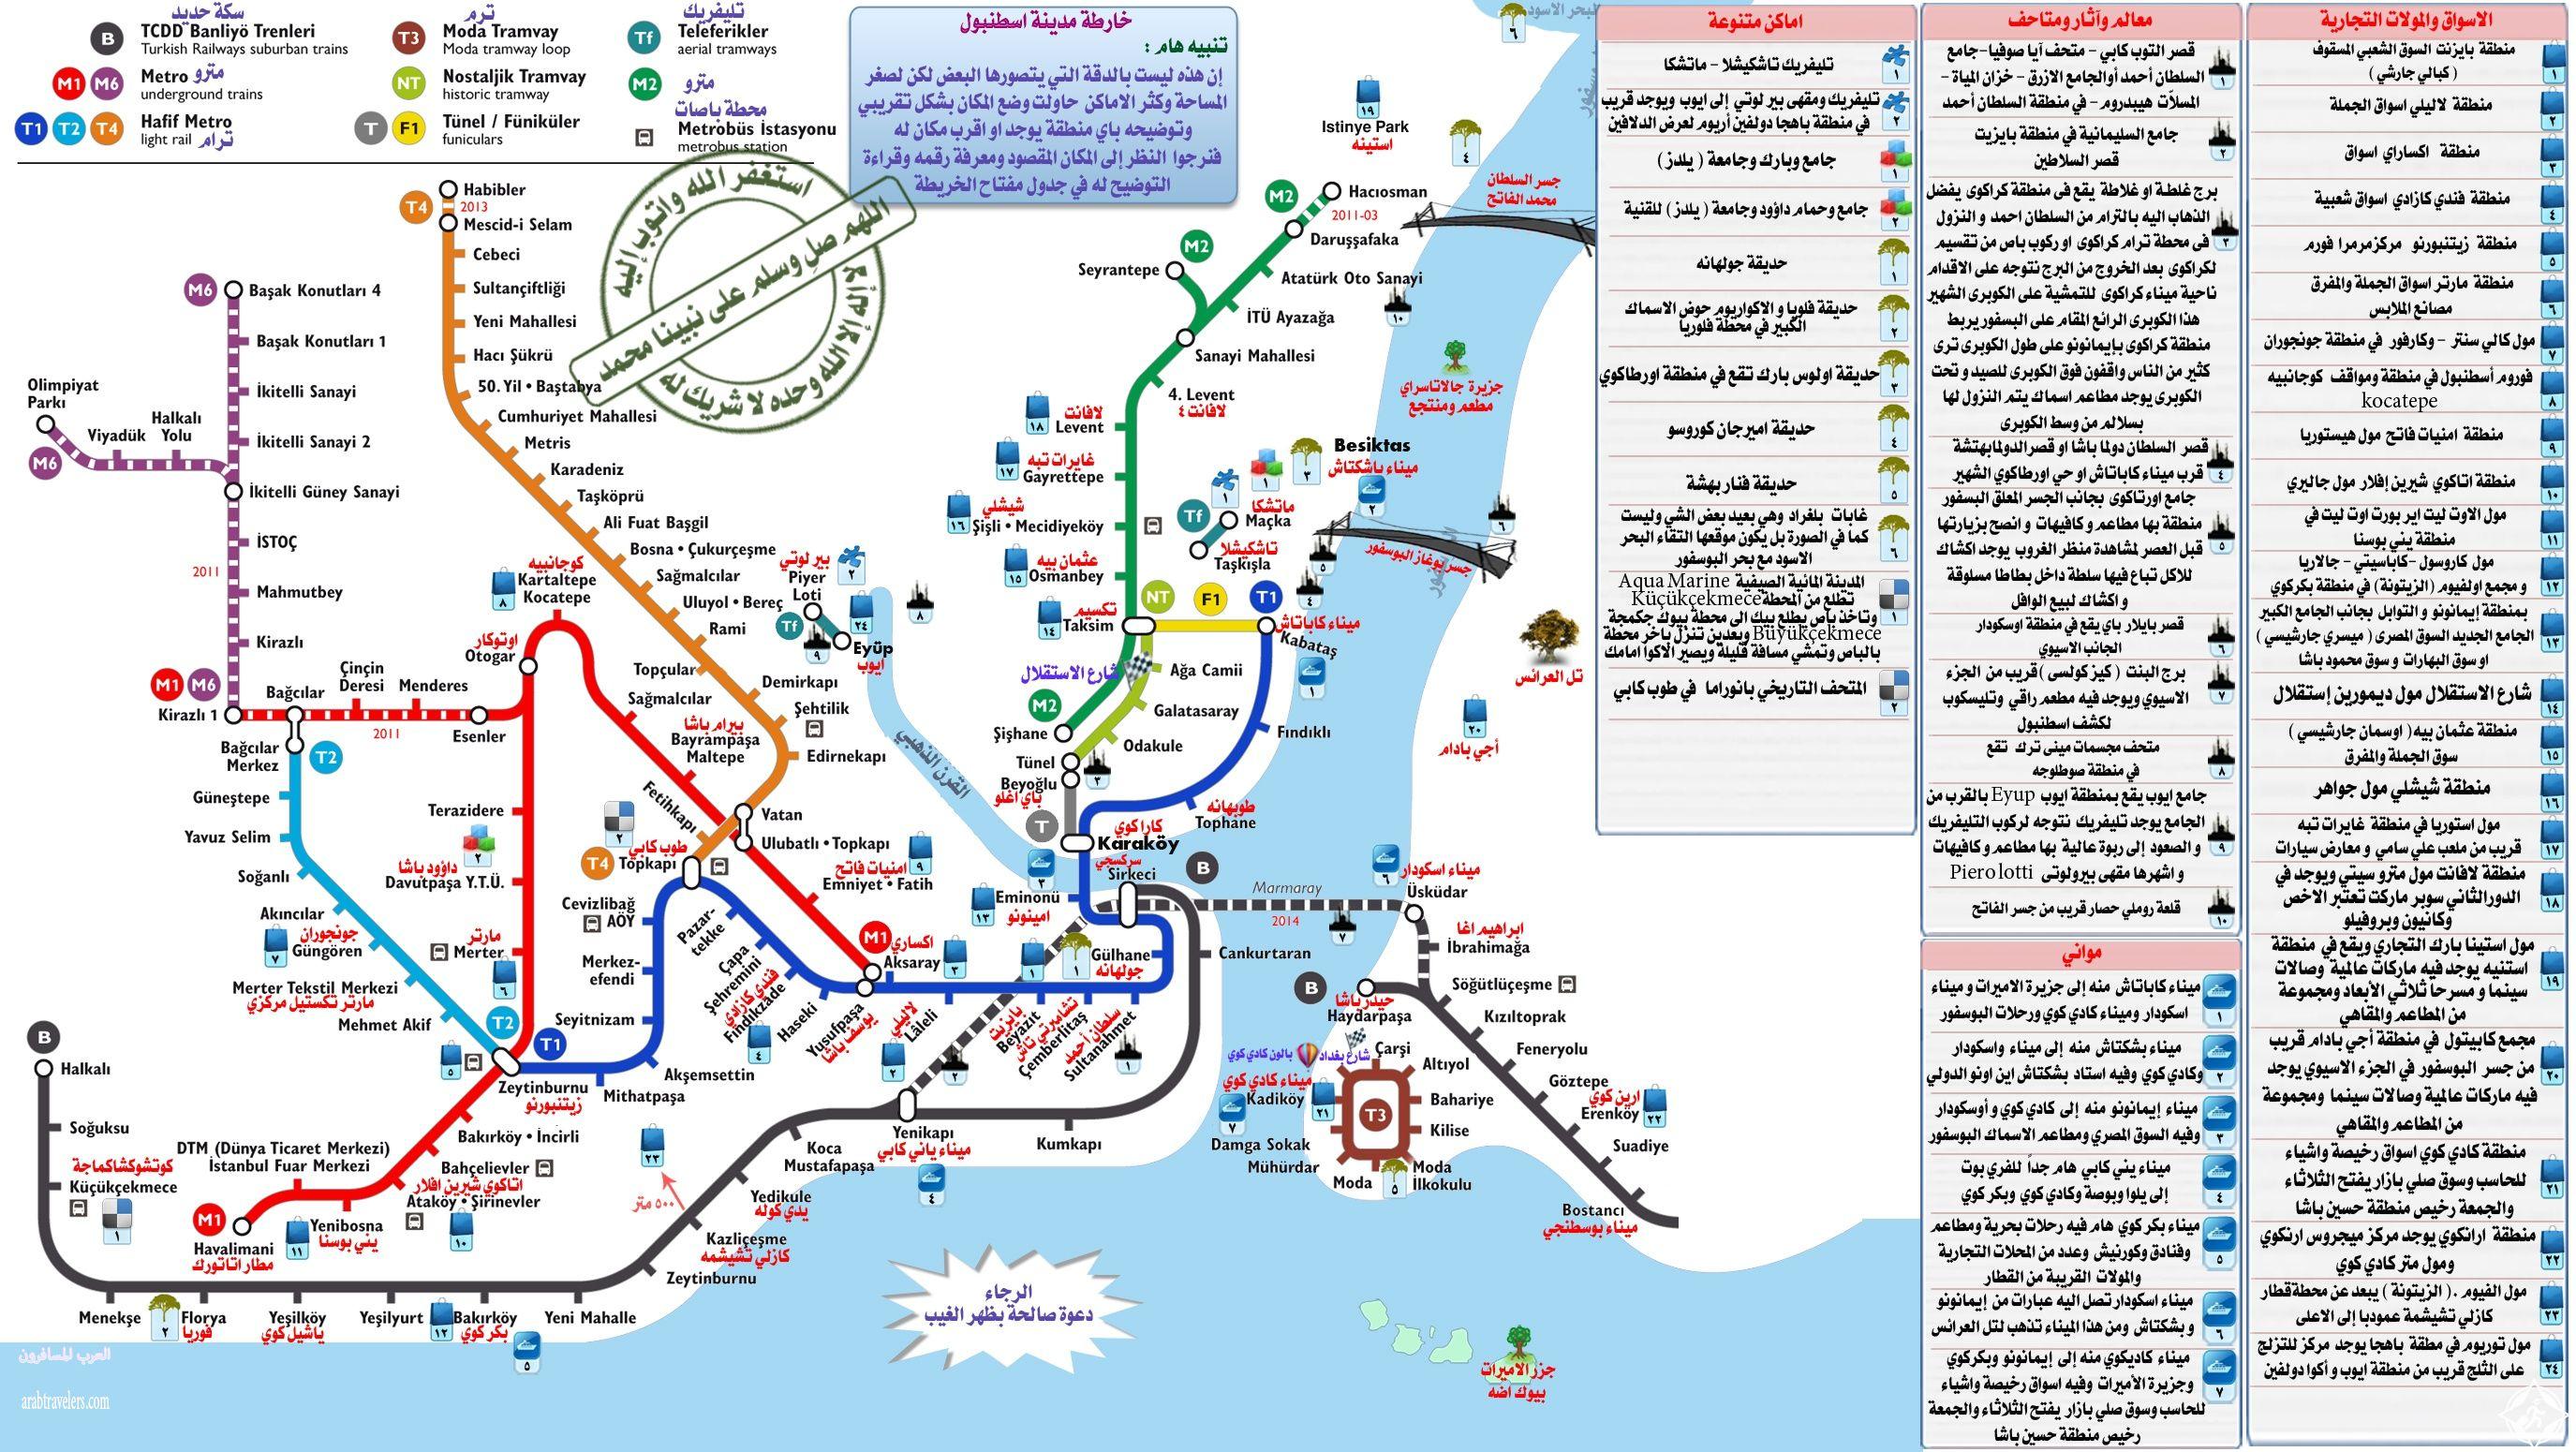 خريطة مترو اسطنبول بالعربي مع أهم المعالم